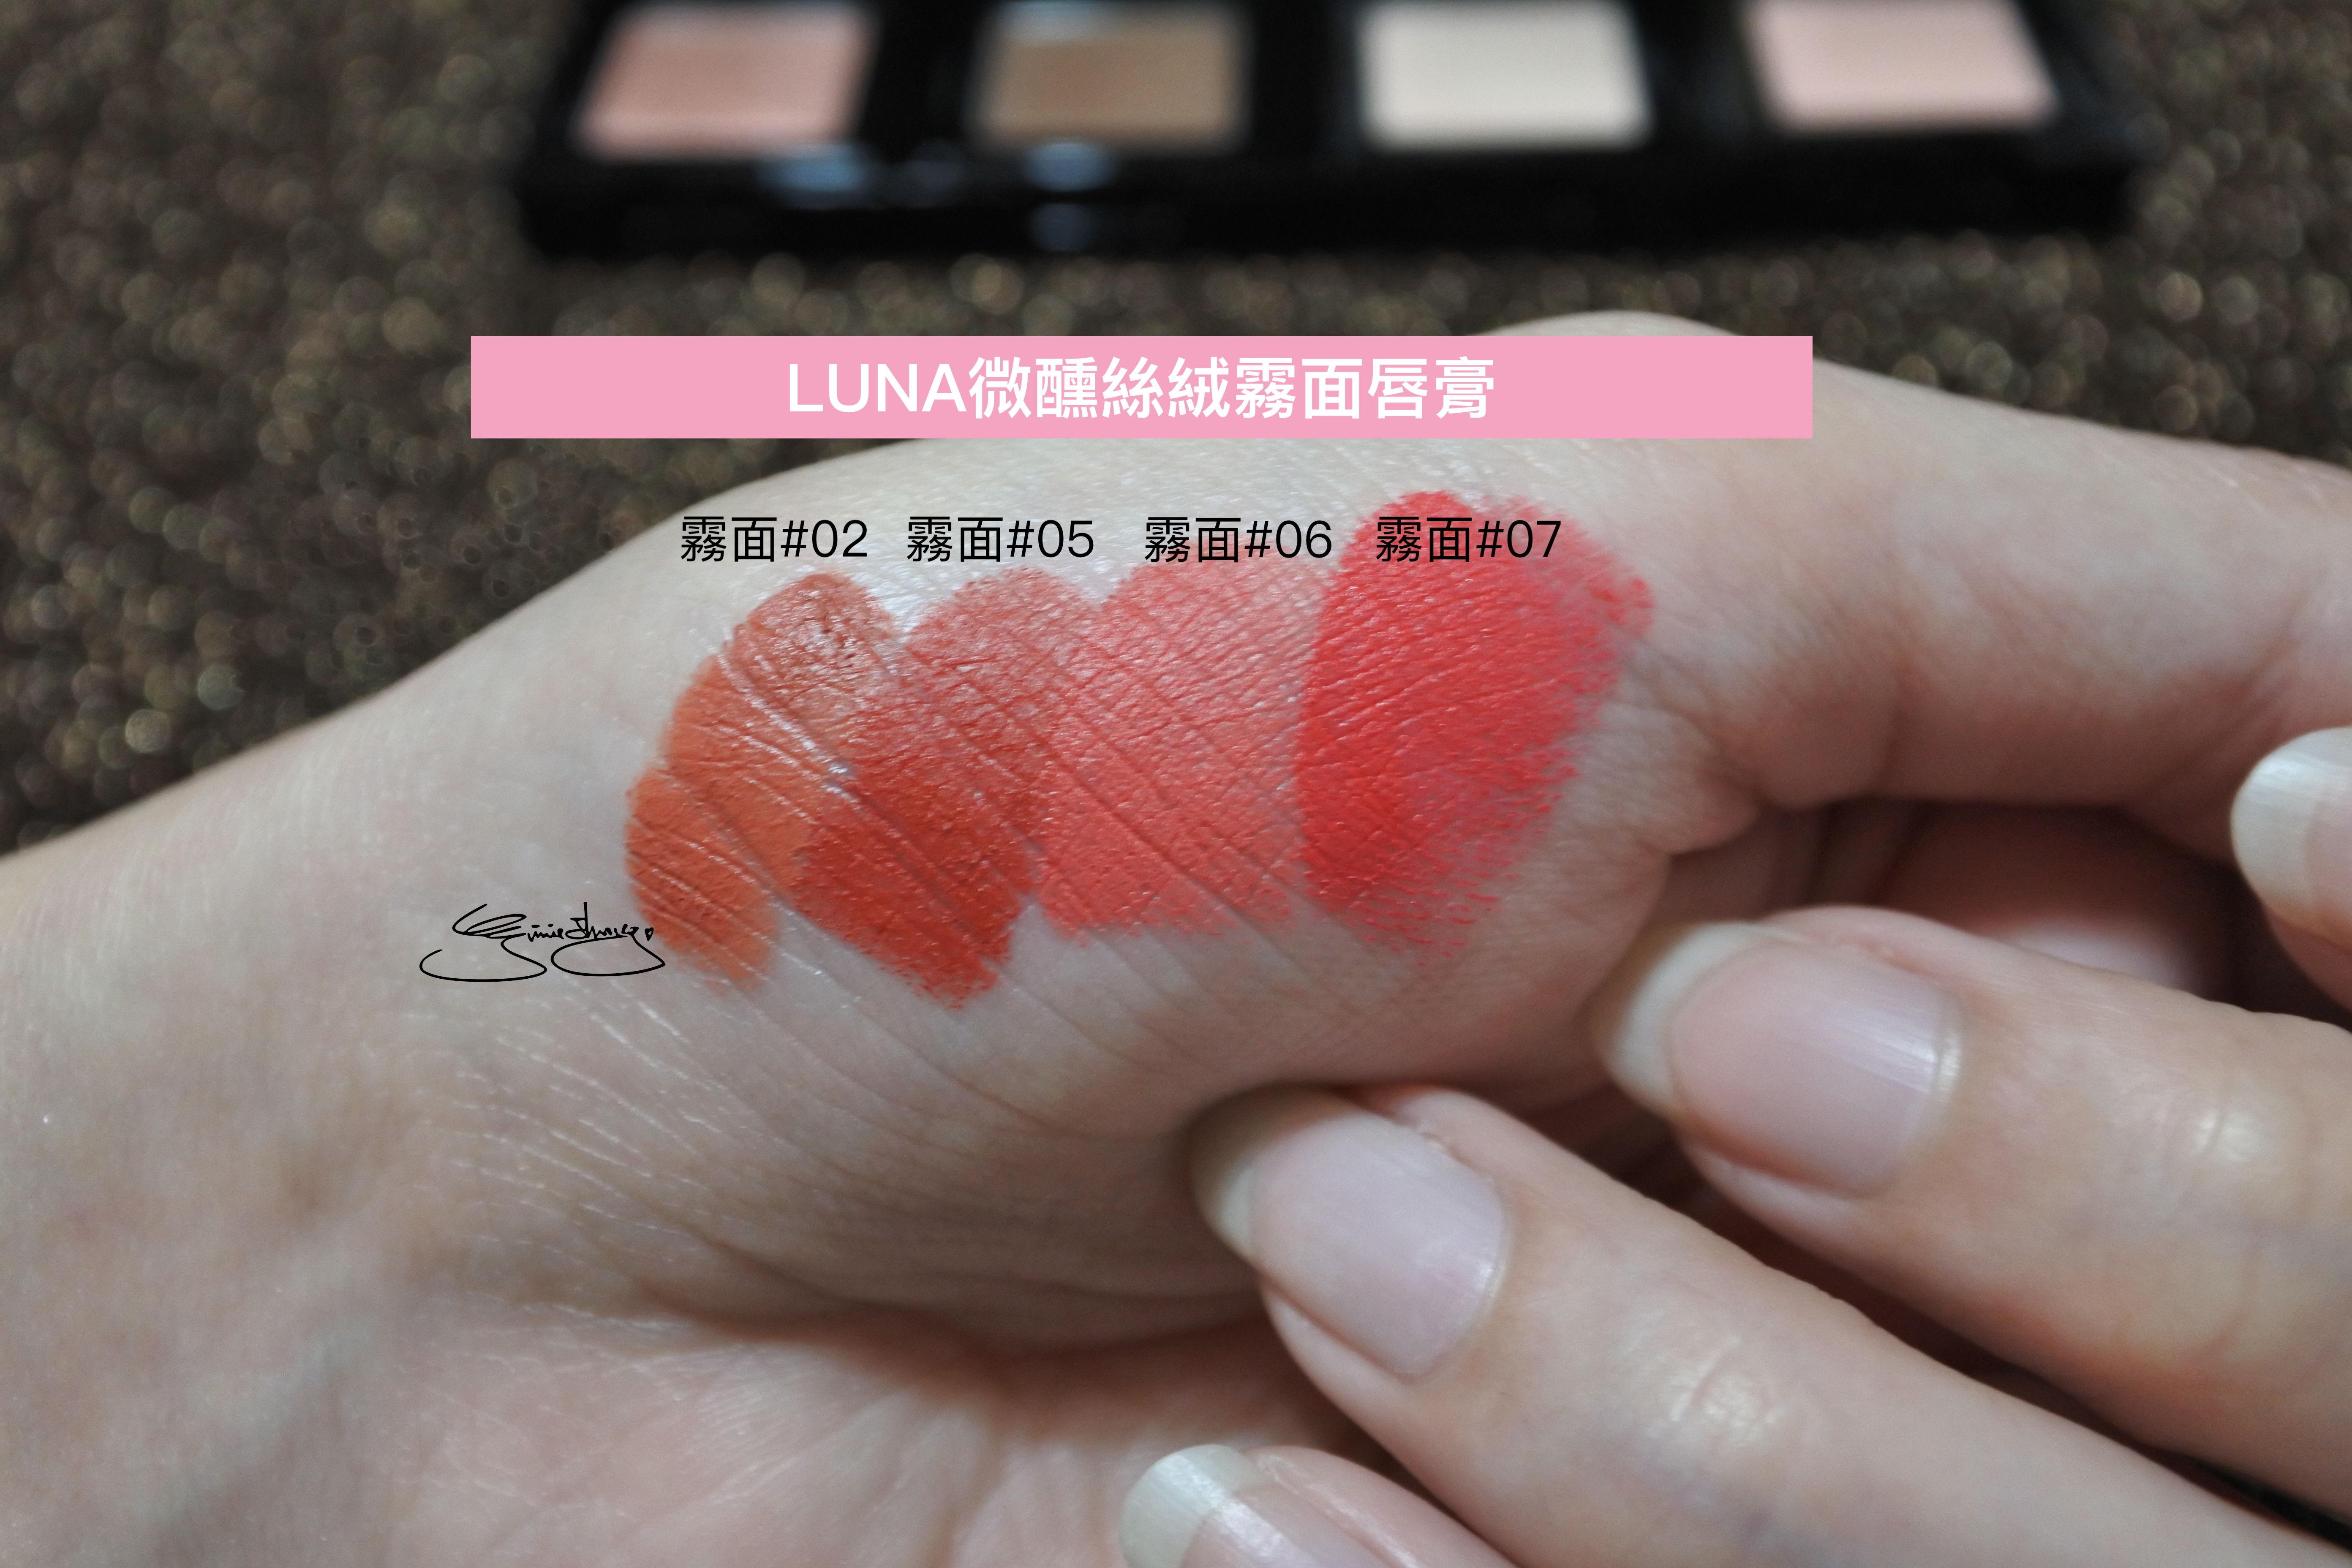 LUNA 微醺絲絨霧面唇膏 掌紋 刷色